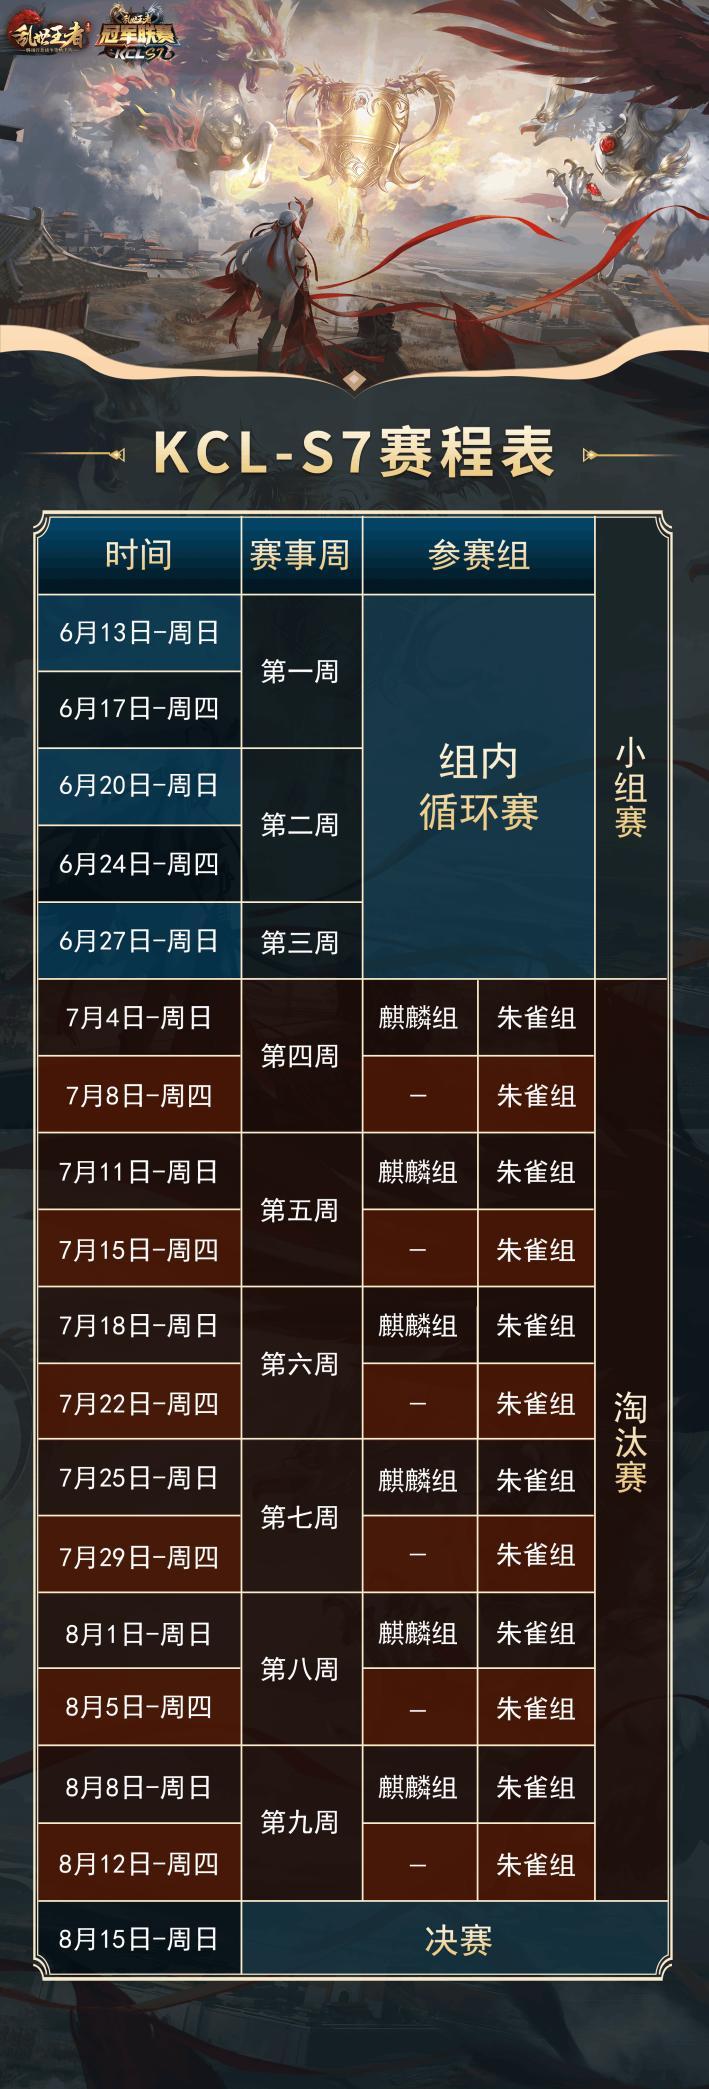 玲珑现世 九鼎归一 九鼎冠军联赛S7拉开序幕